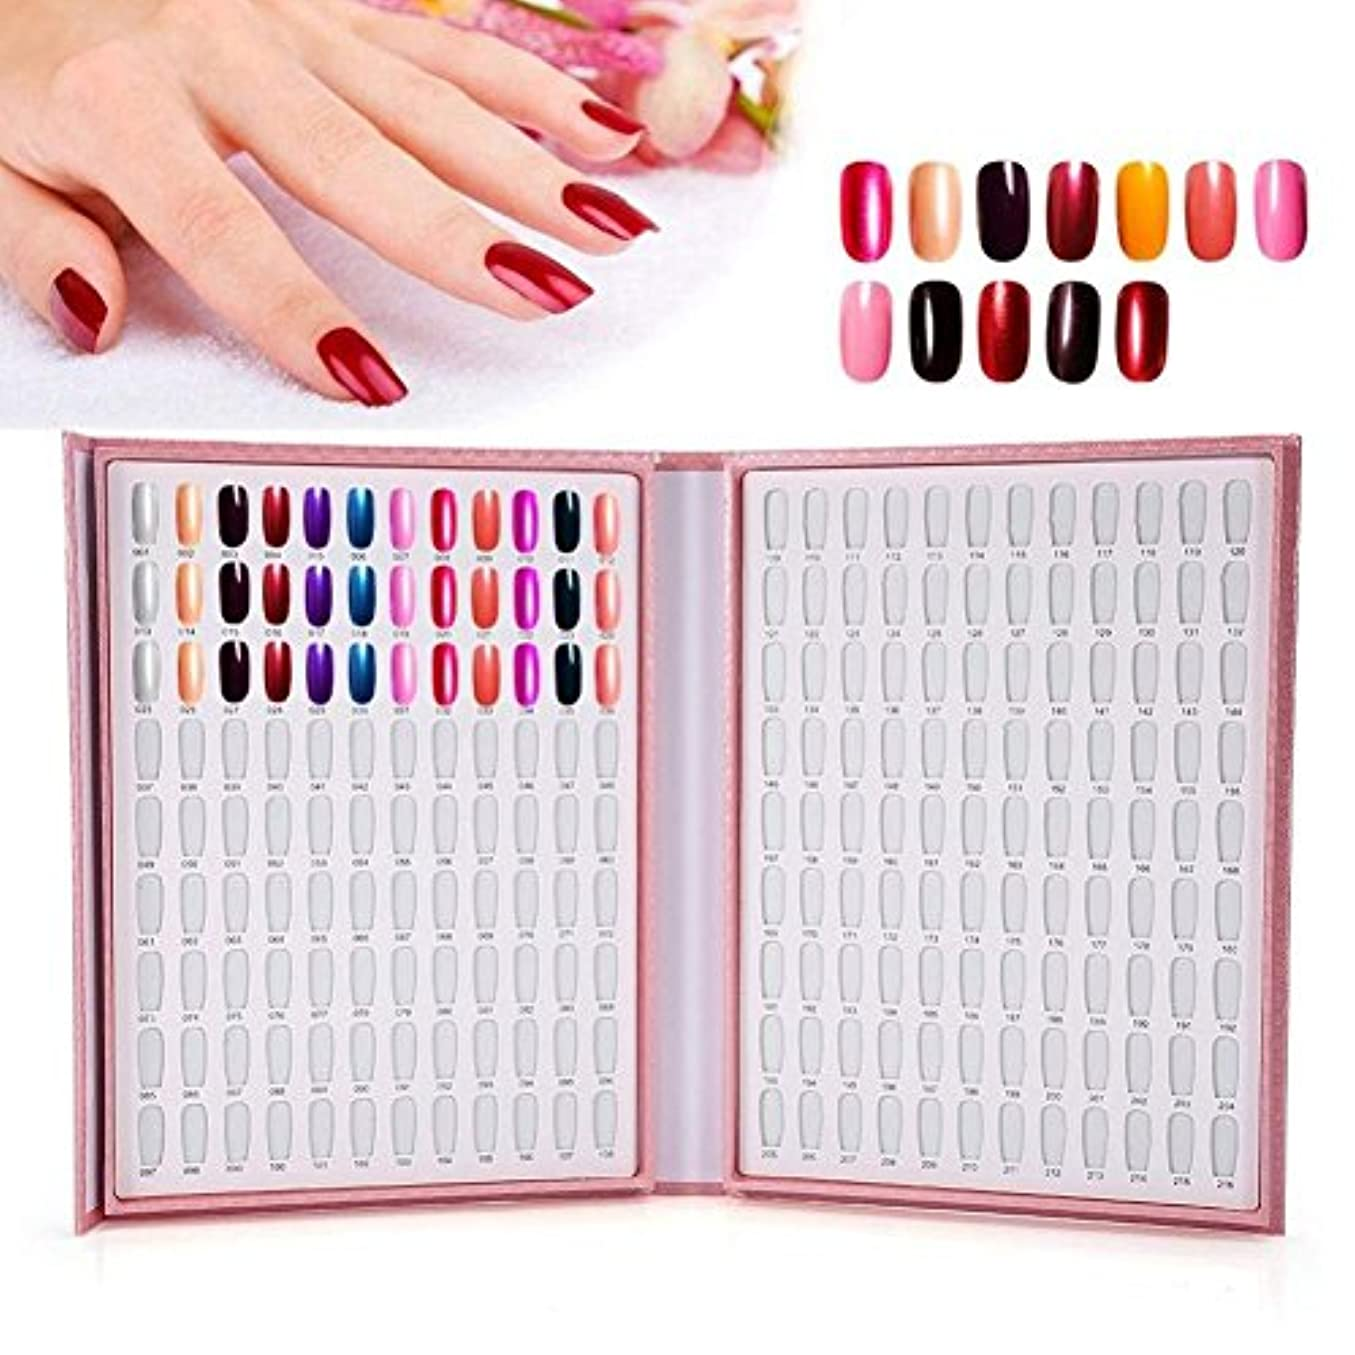 しっかり豊かにするイタリックカラーチャート ブック - BESTGIFT ジェルネイル、カラーガイド、 ネイル 色見本、ブック型 、サンプル帳、216色 (ピンク)